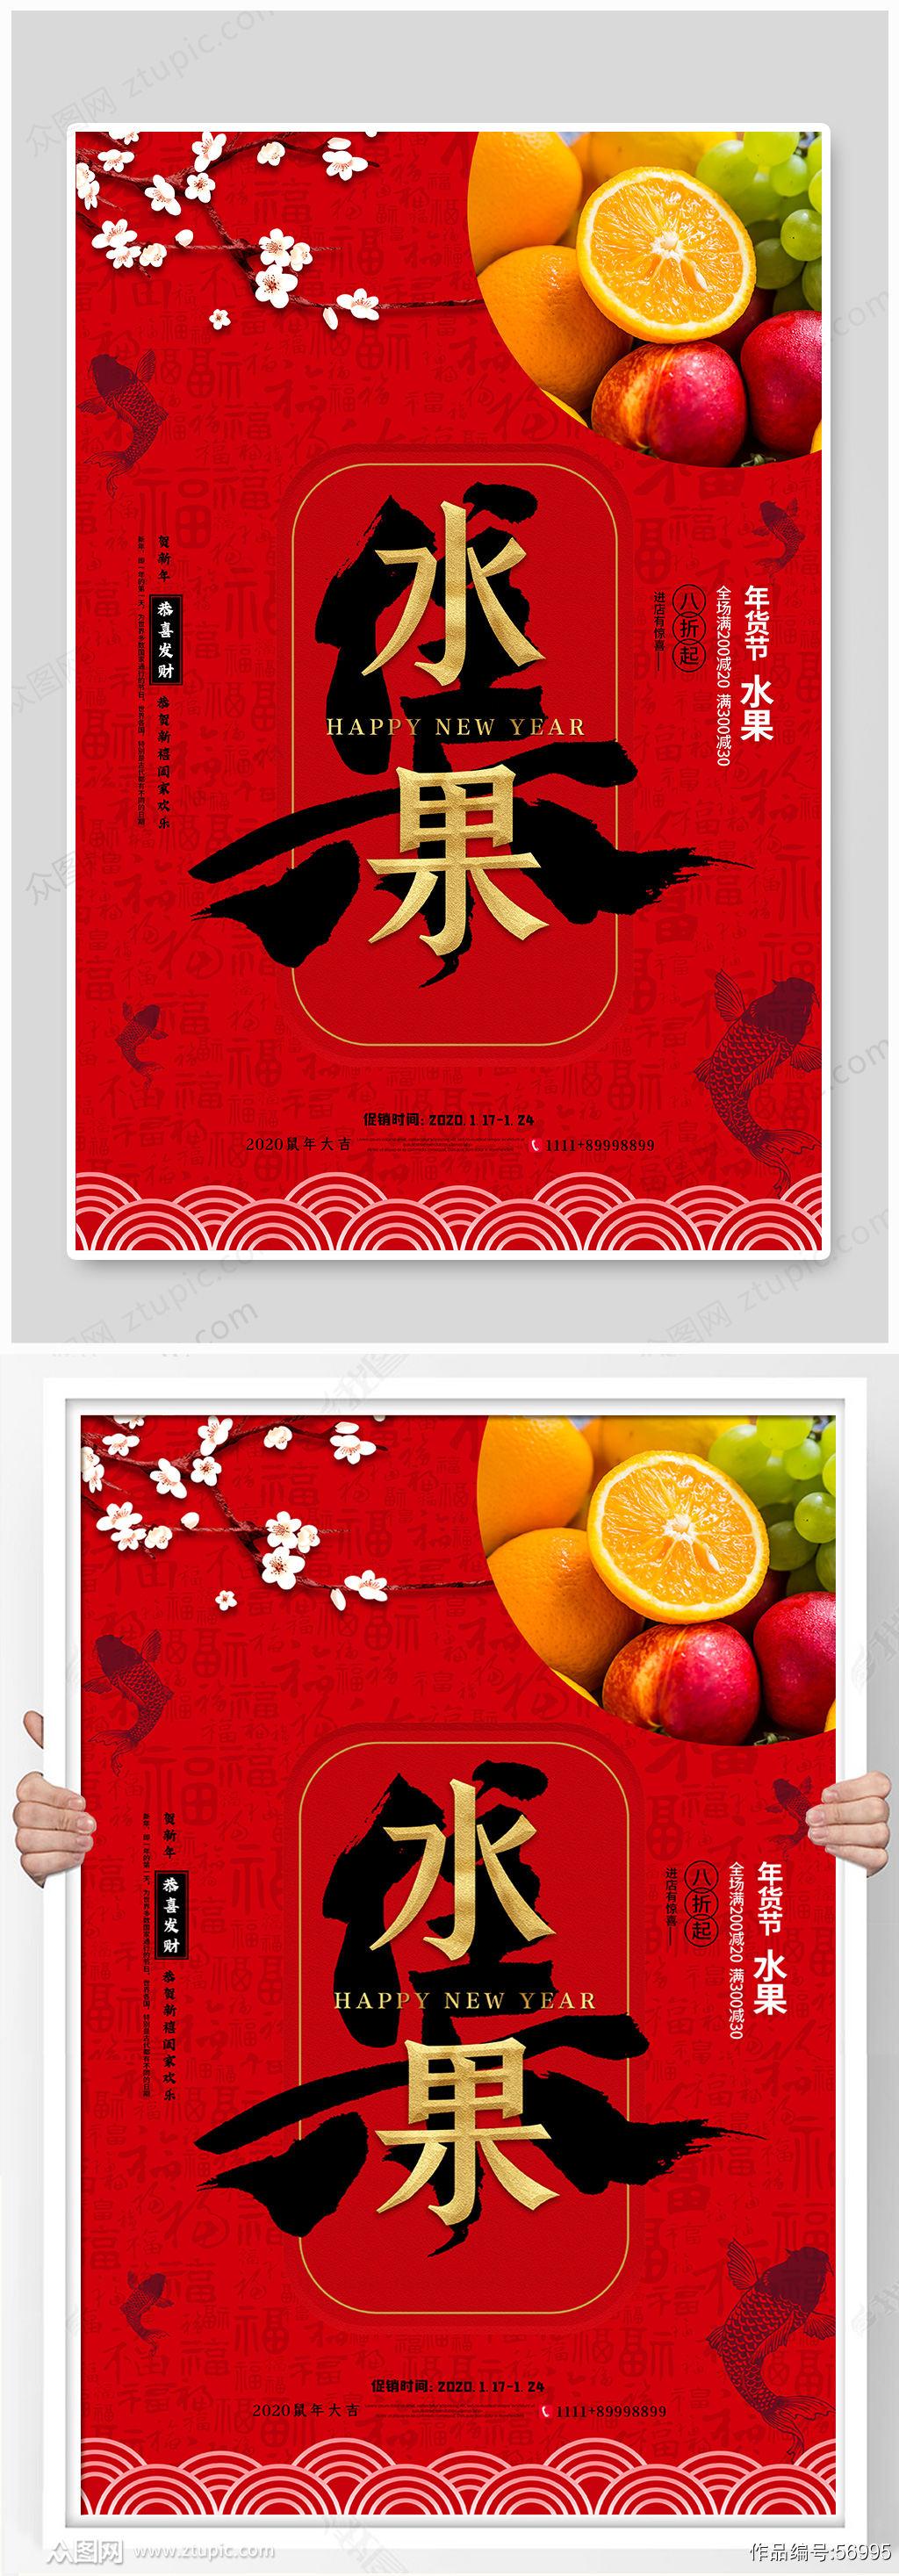 红色喜庆水果海报设计素材